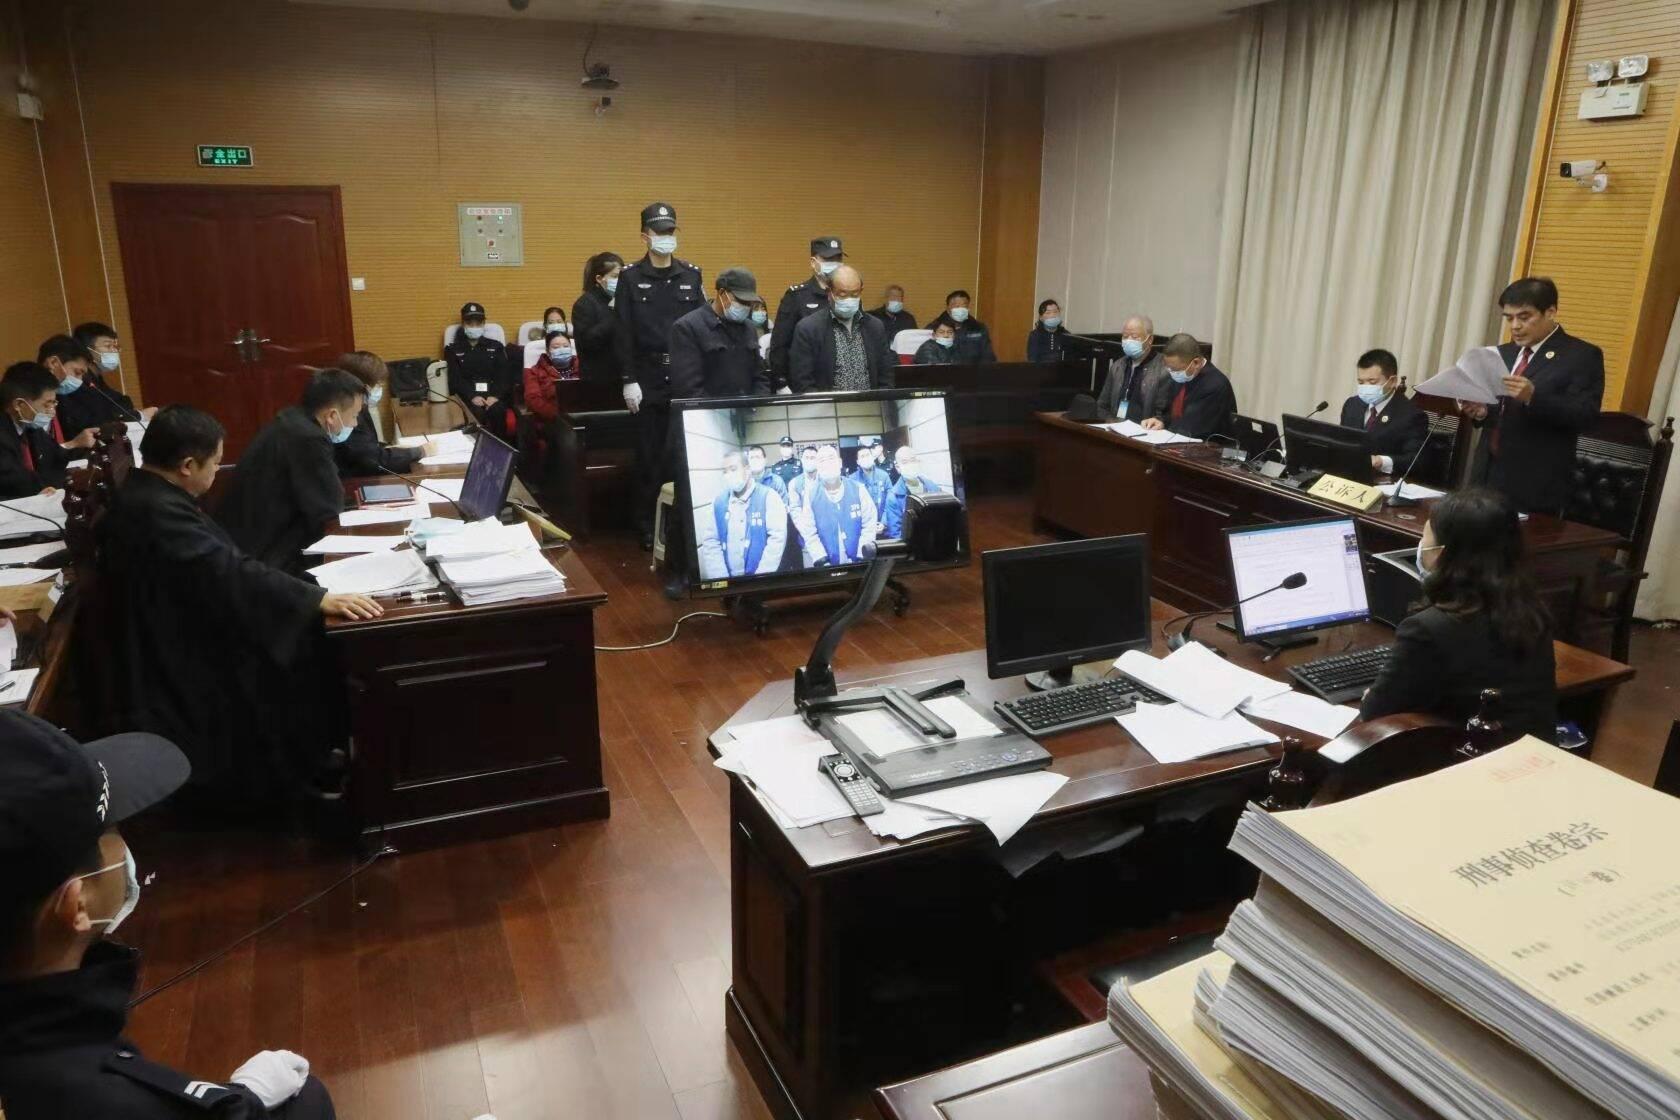 寻衅滋事、放火、故意破坏财物等!滕州8人恶势力犯罪集团被当庭宣判